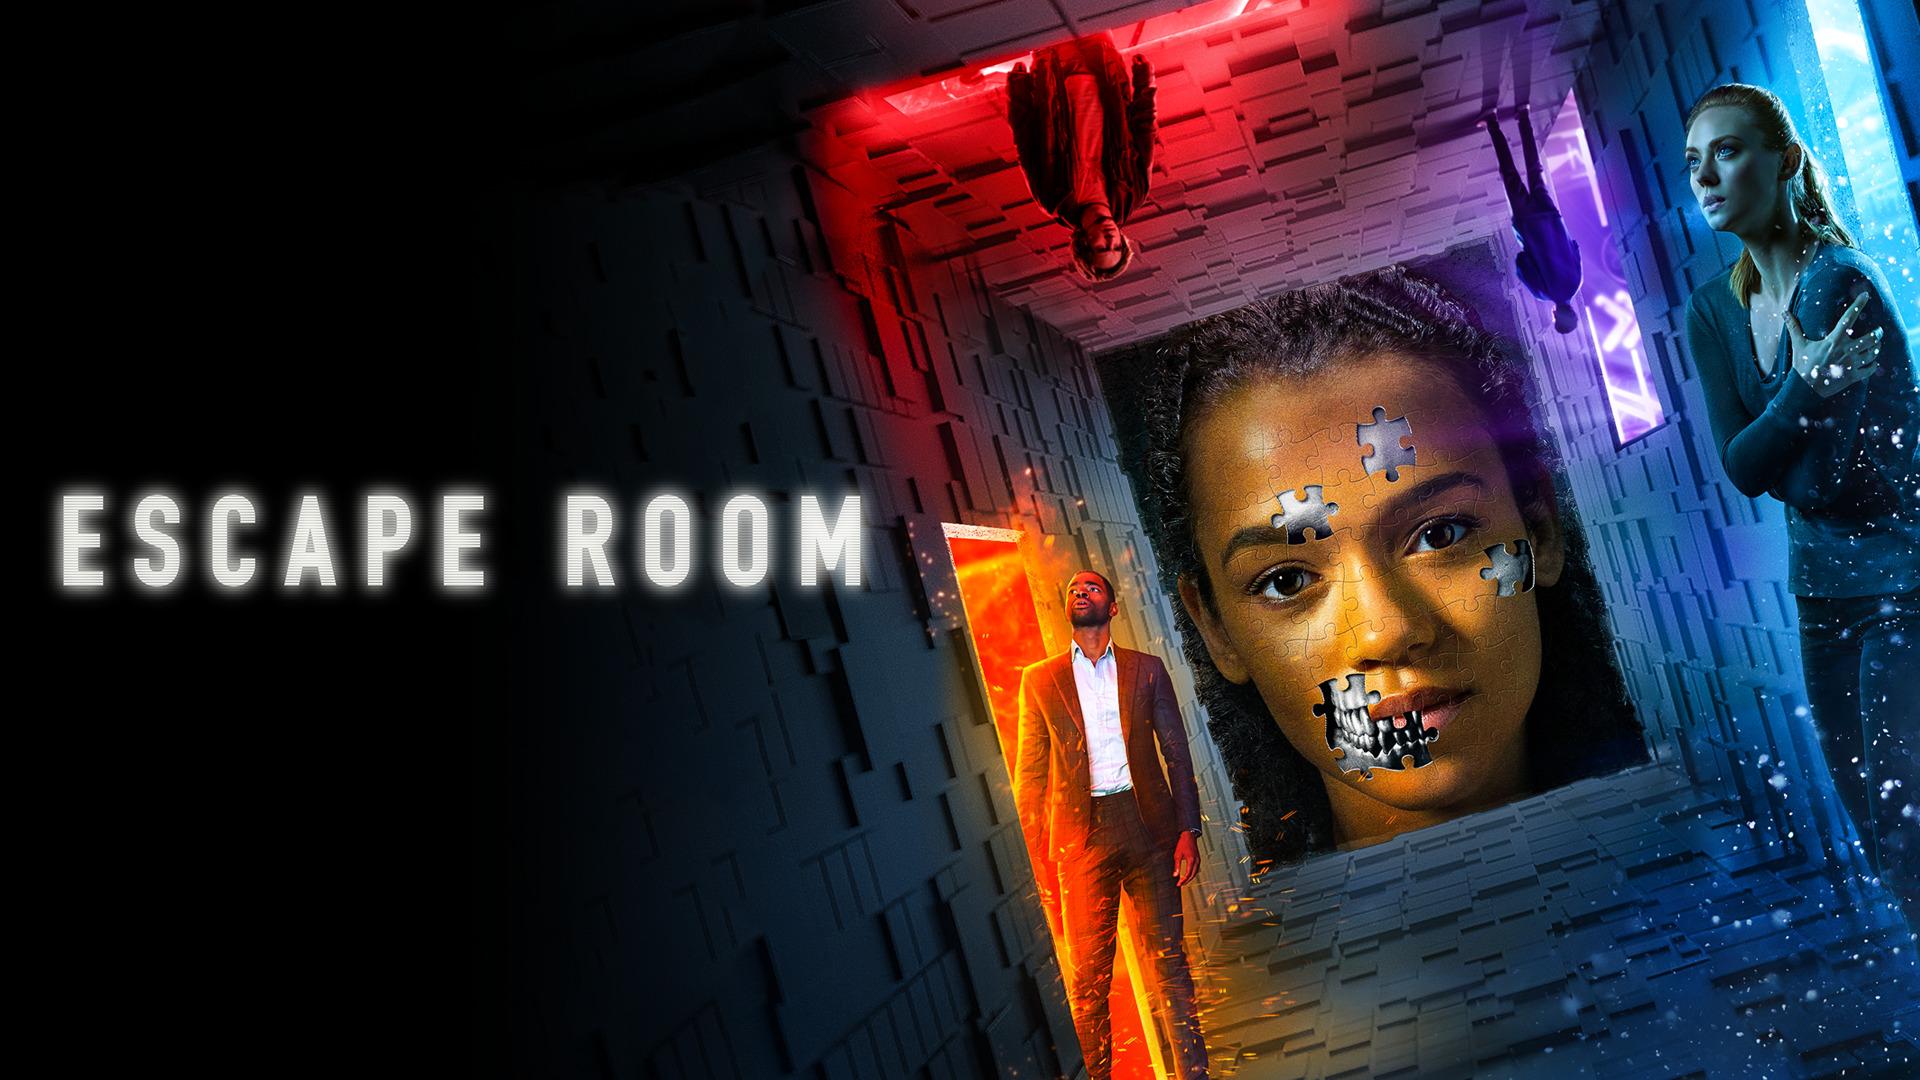 Escape Room (4K UHD)